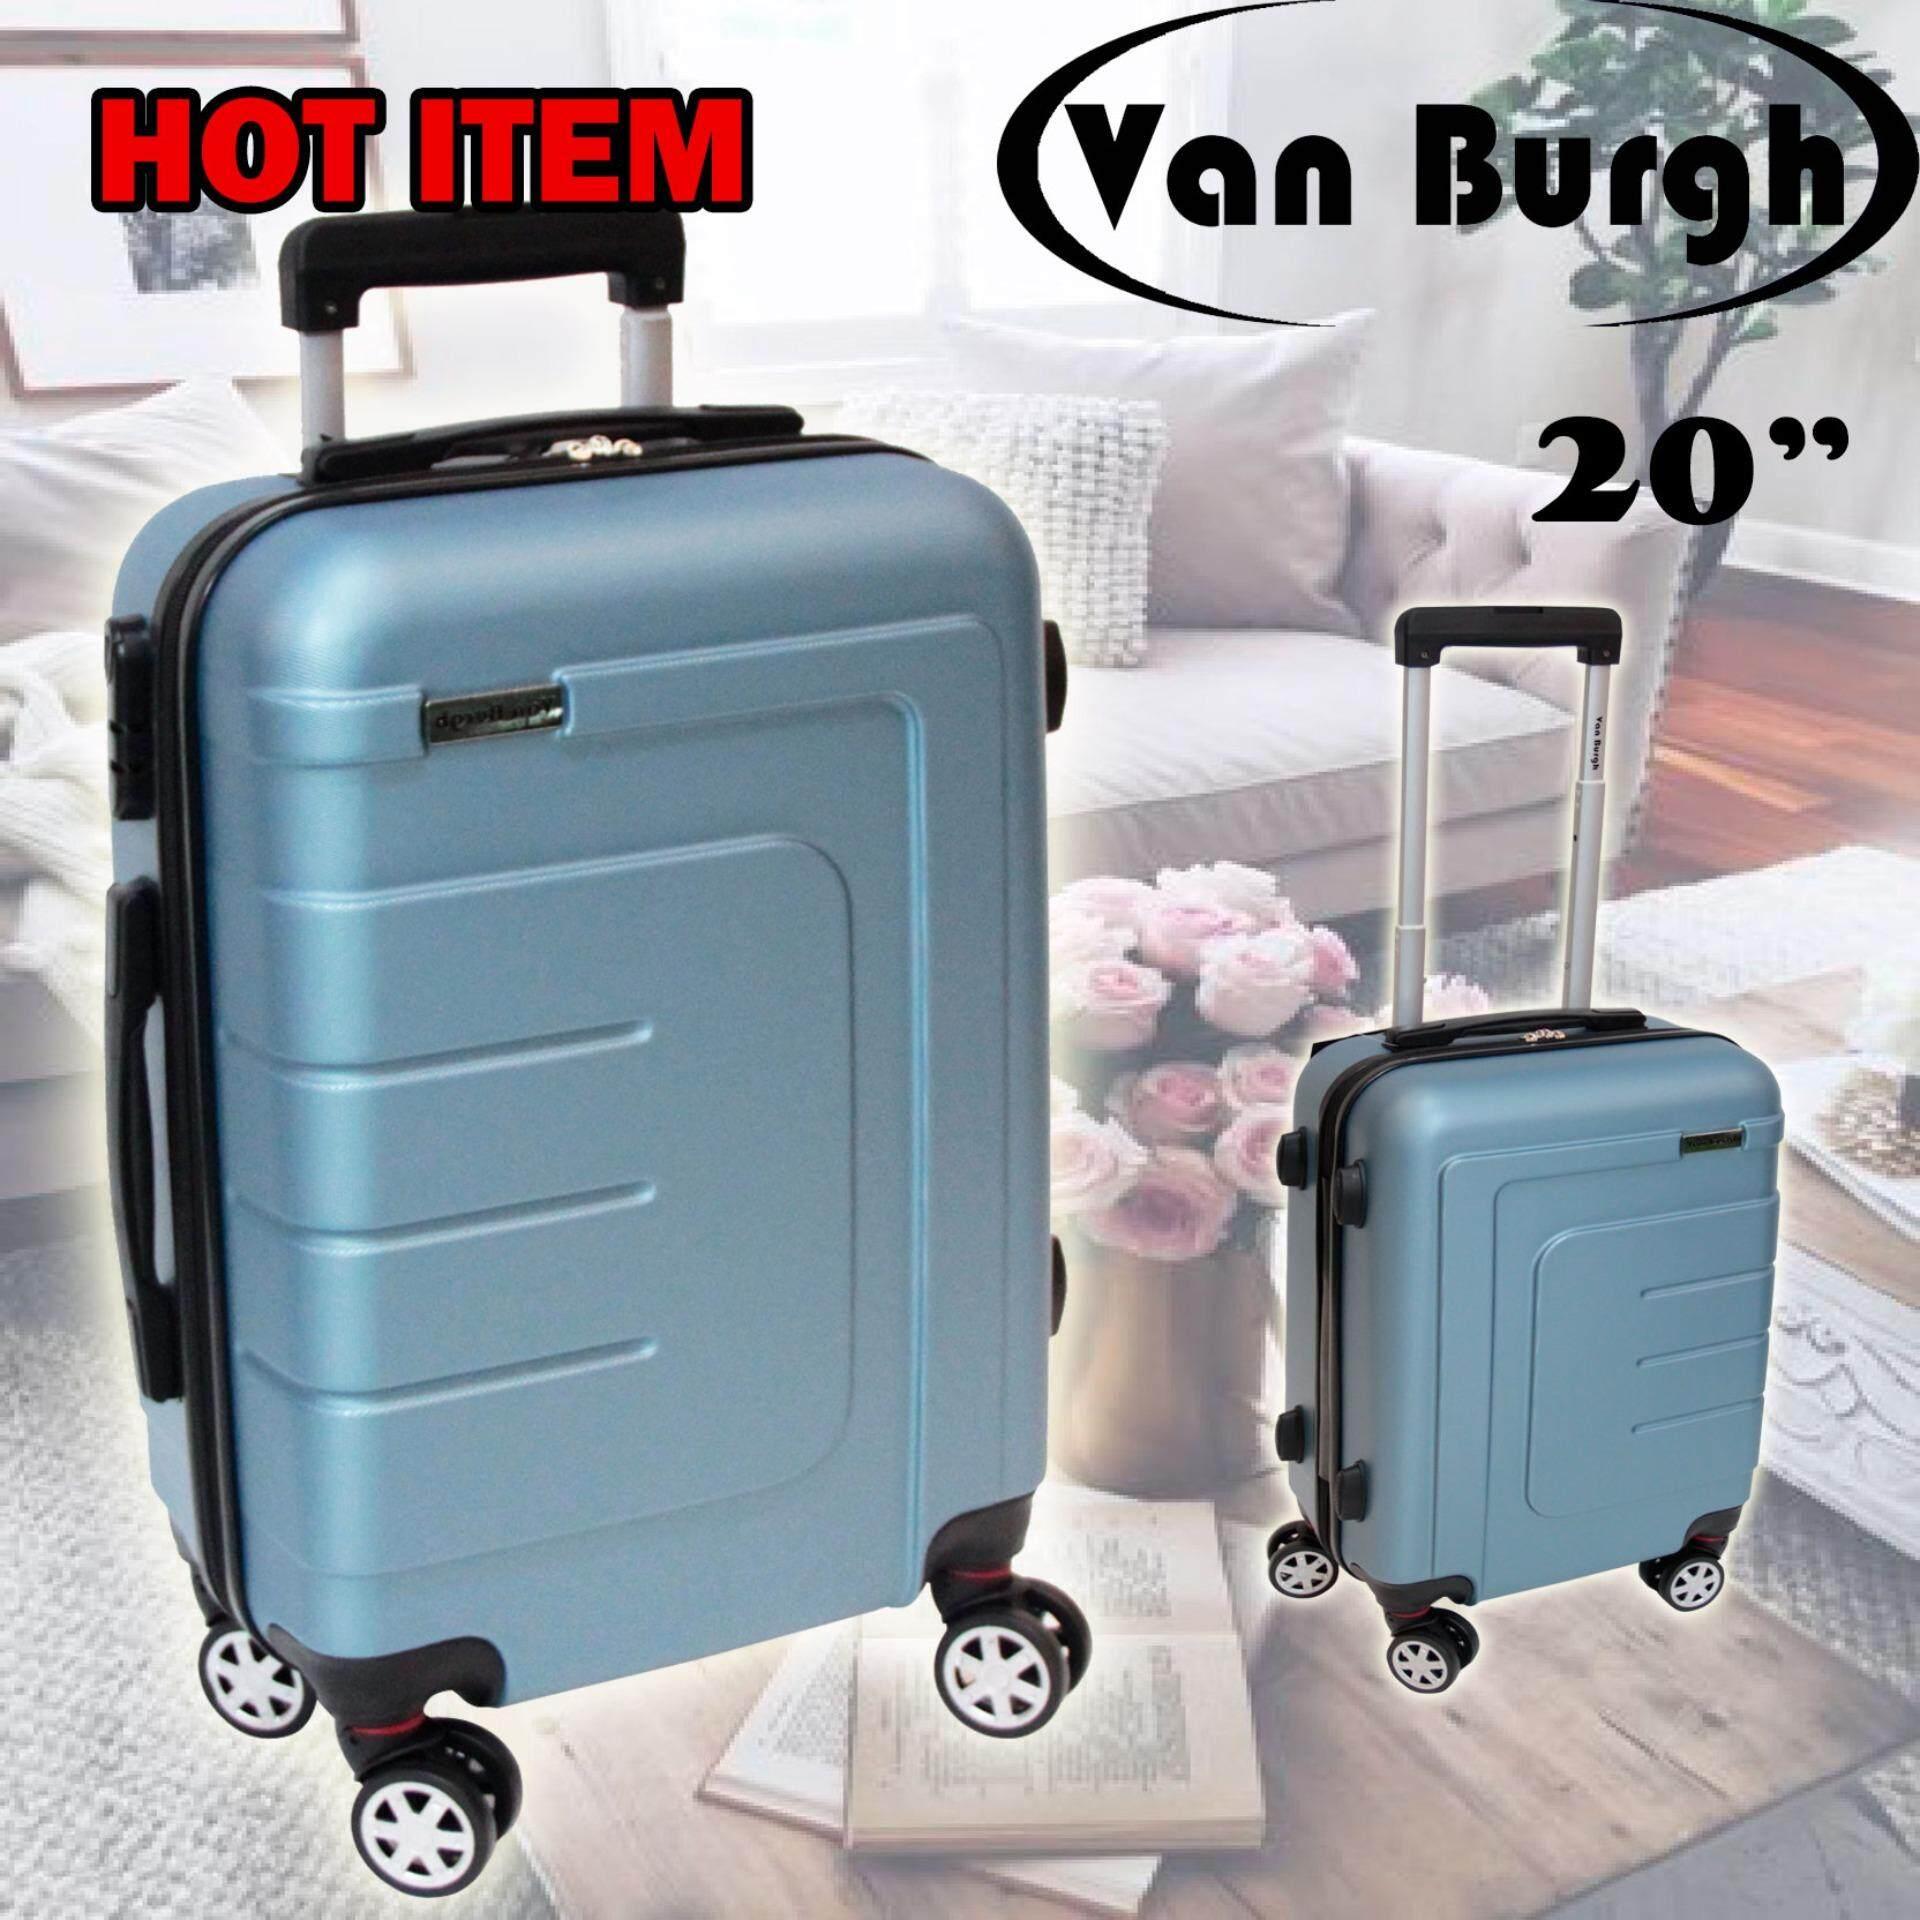 ขาย Van Burgh กระเป๋าเดินทาง 20 นิ้ว ล้อลาก 4 ล้อ รุ่น 19703 สีเทา ถูก กรุงเทพมหานคร